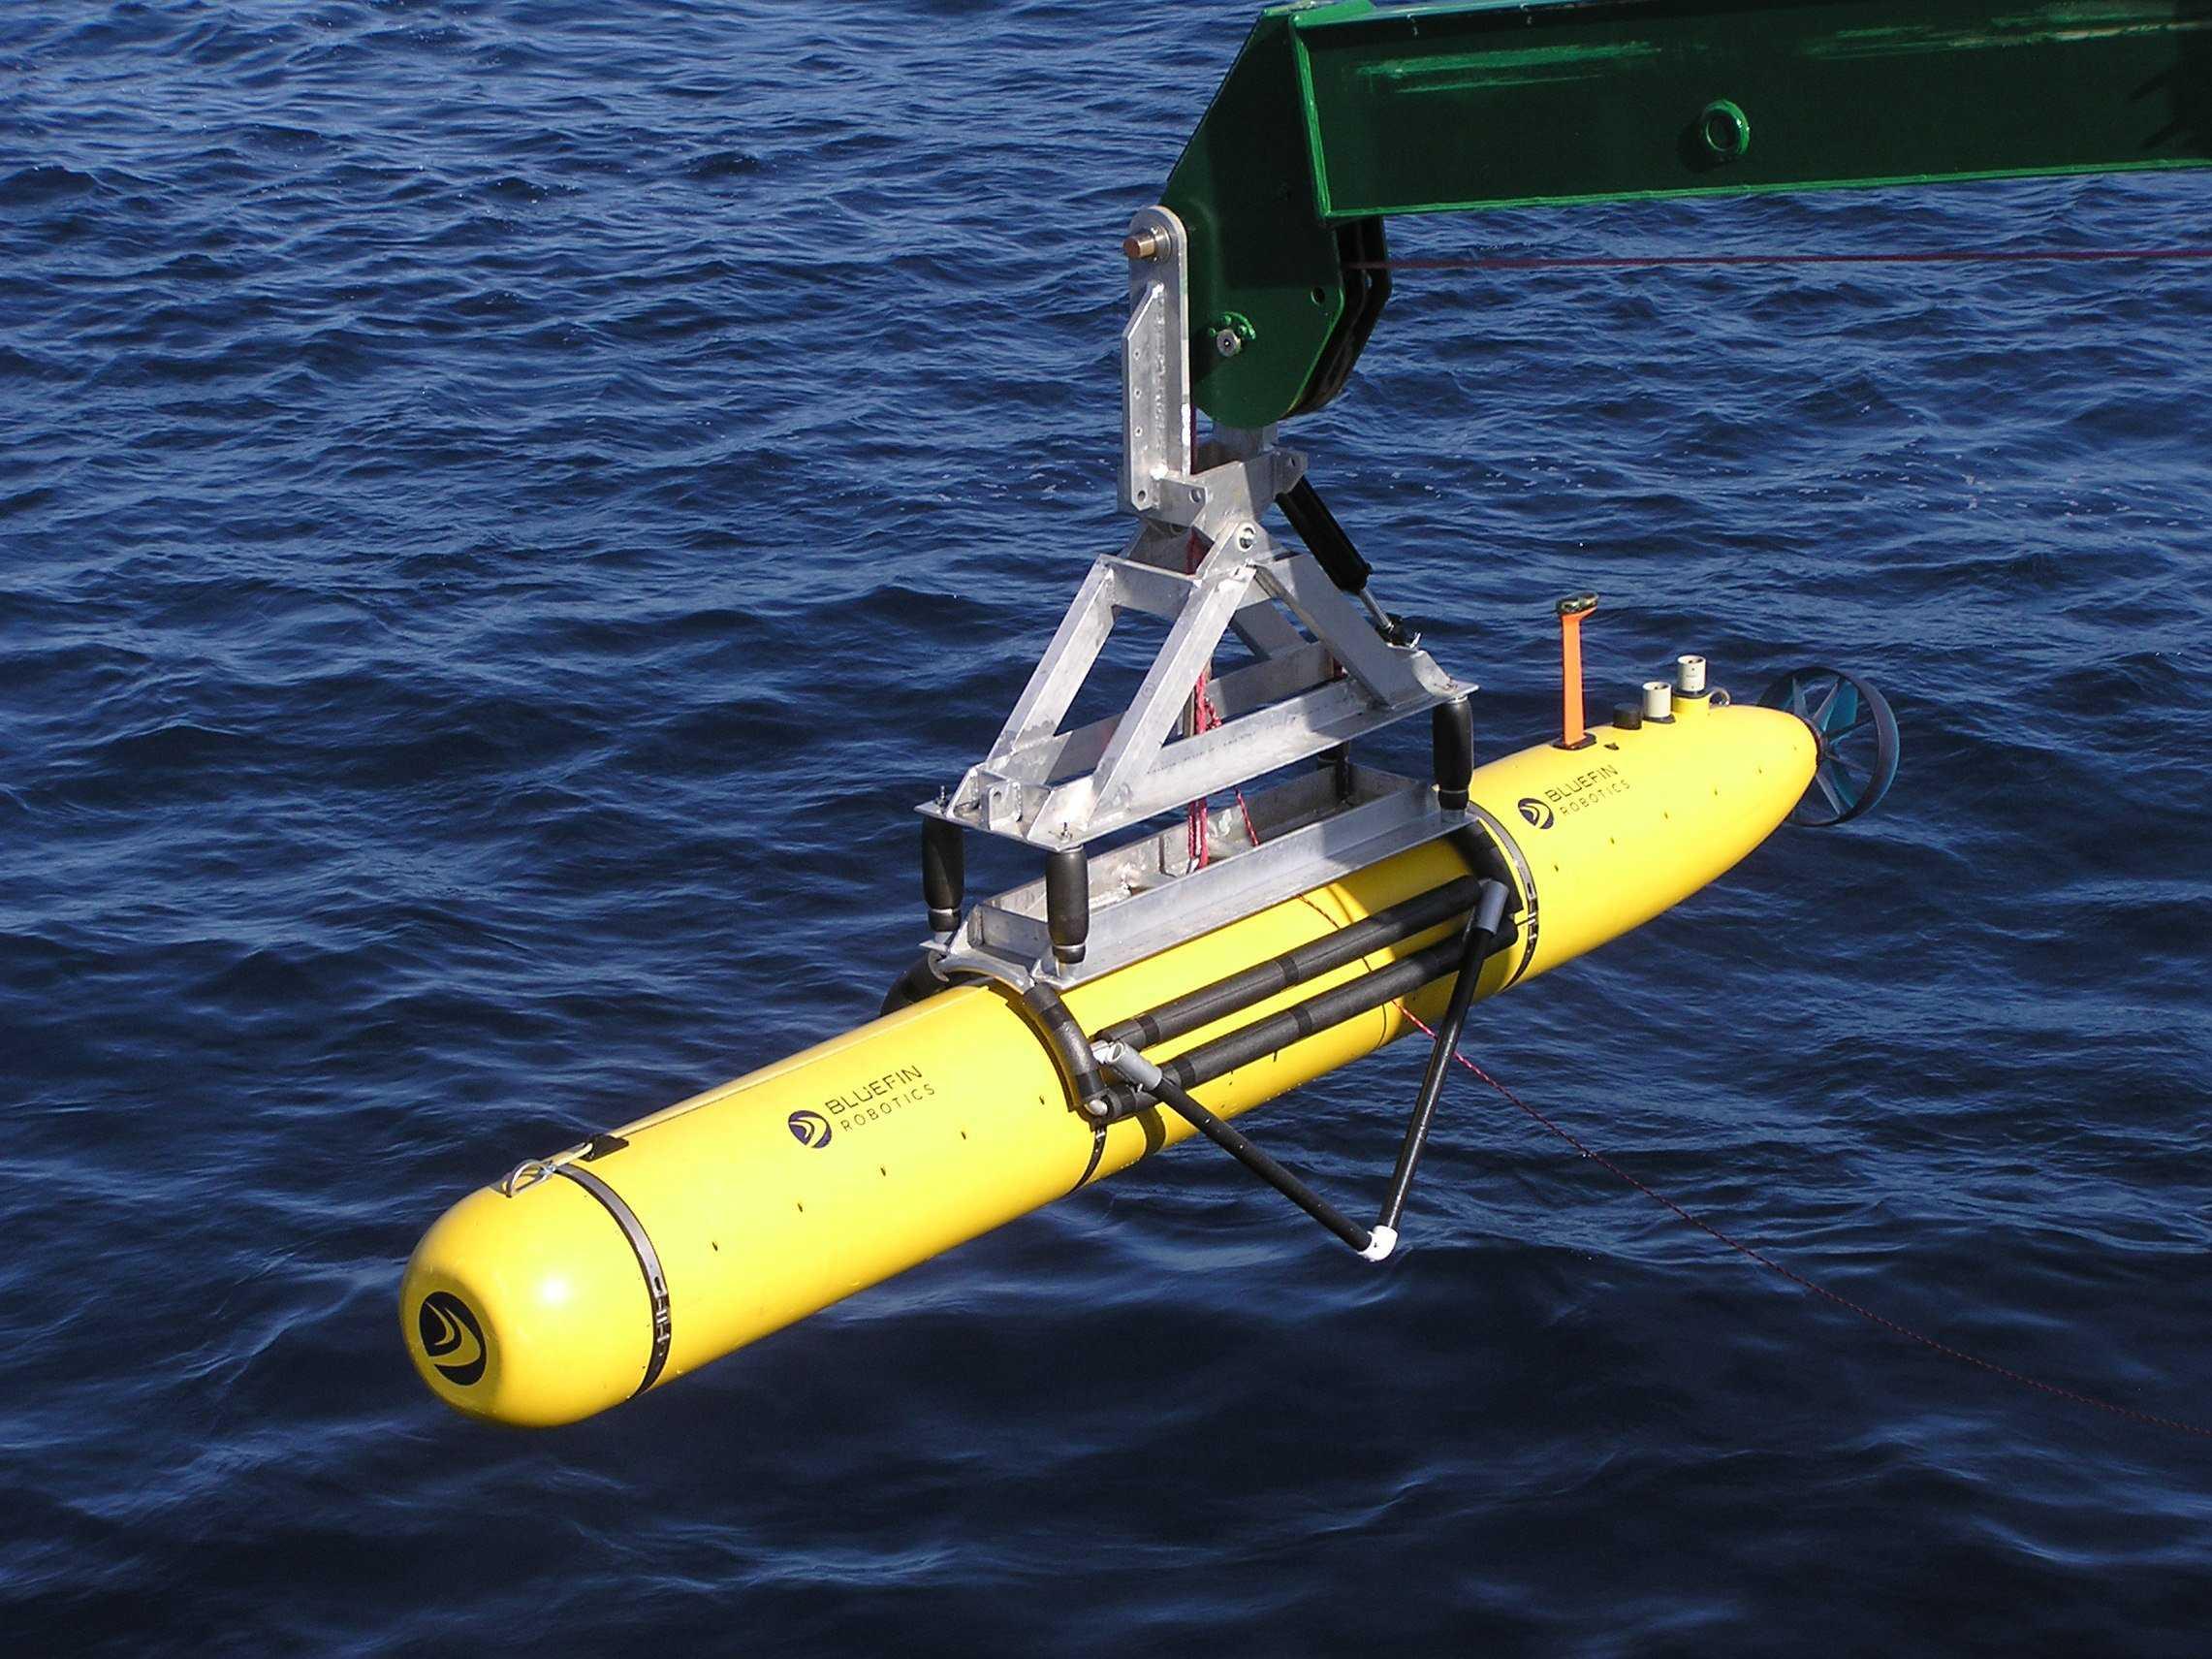 Tìm kiếm MH370: Tàu ngầm dưới nước làm việc như thế nào? 6